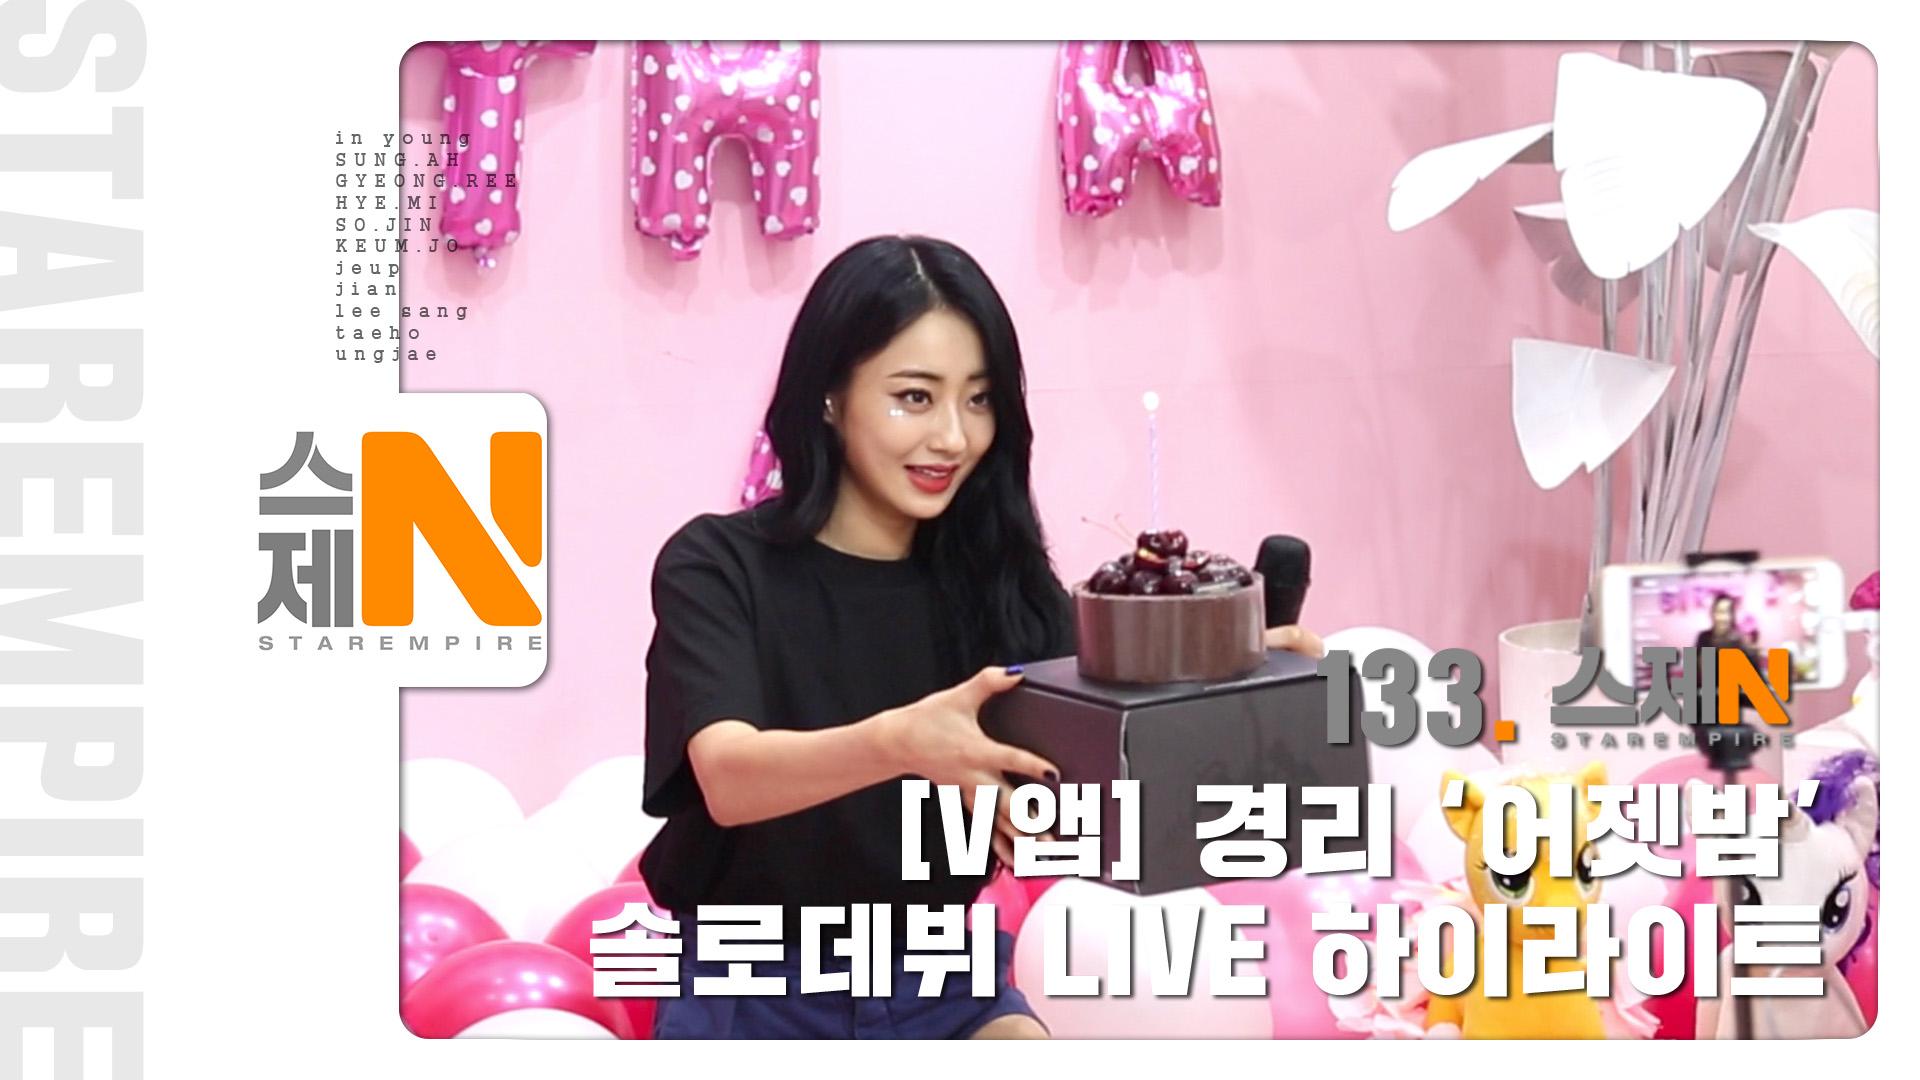 [스제-N. 133] v앱 경리 '어젯밤' 솔로데뷔 LIVE 하이라이트